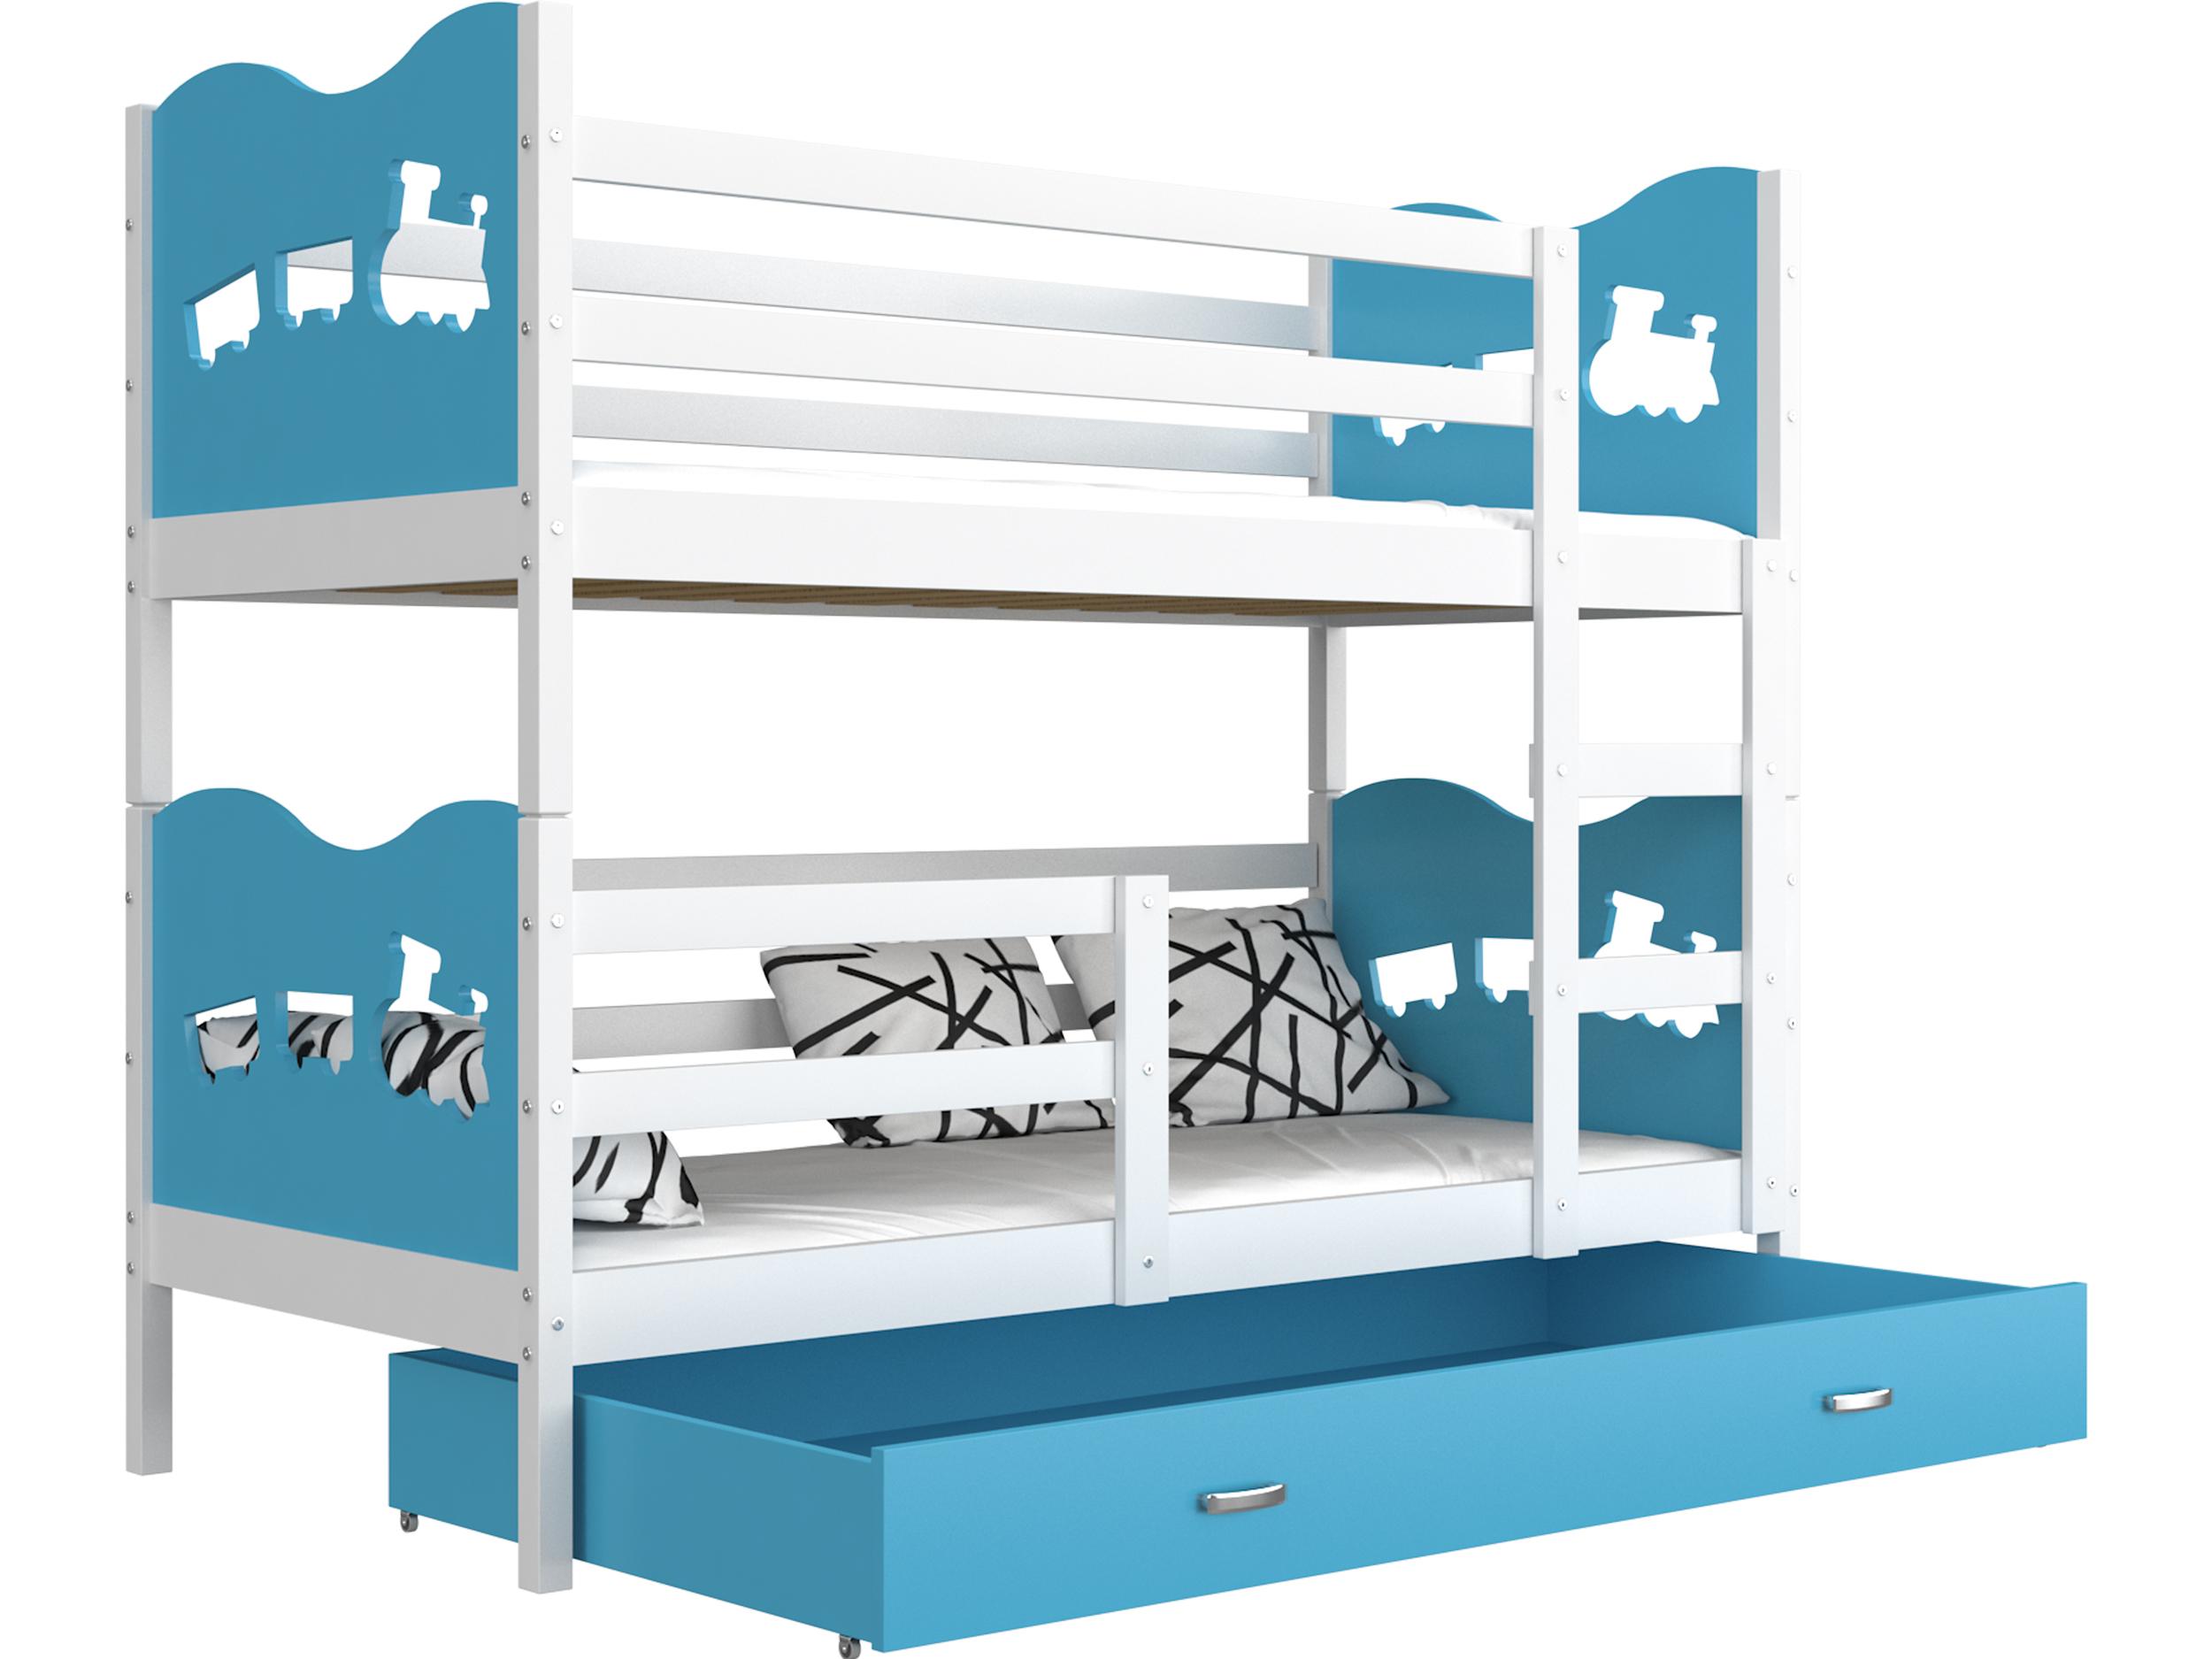 ArtAJ Detská poschodová posteľ MAX / MDF 160 x 80 cm Farba: biela / modrá, Prevedenie: bez matraca 160 x 80 cm